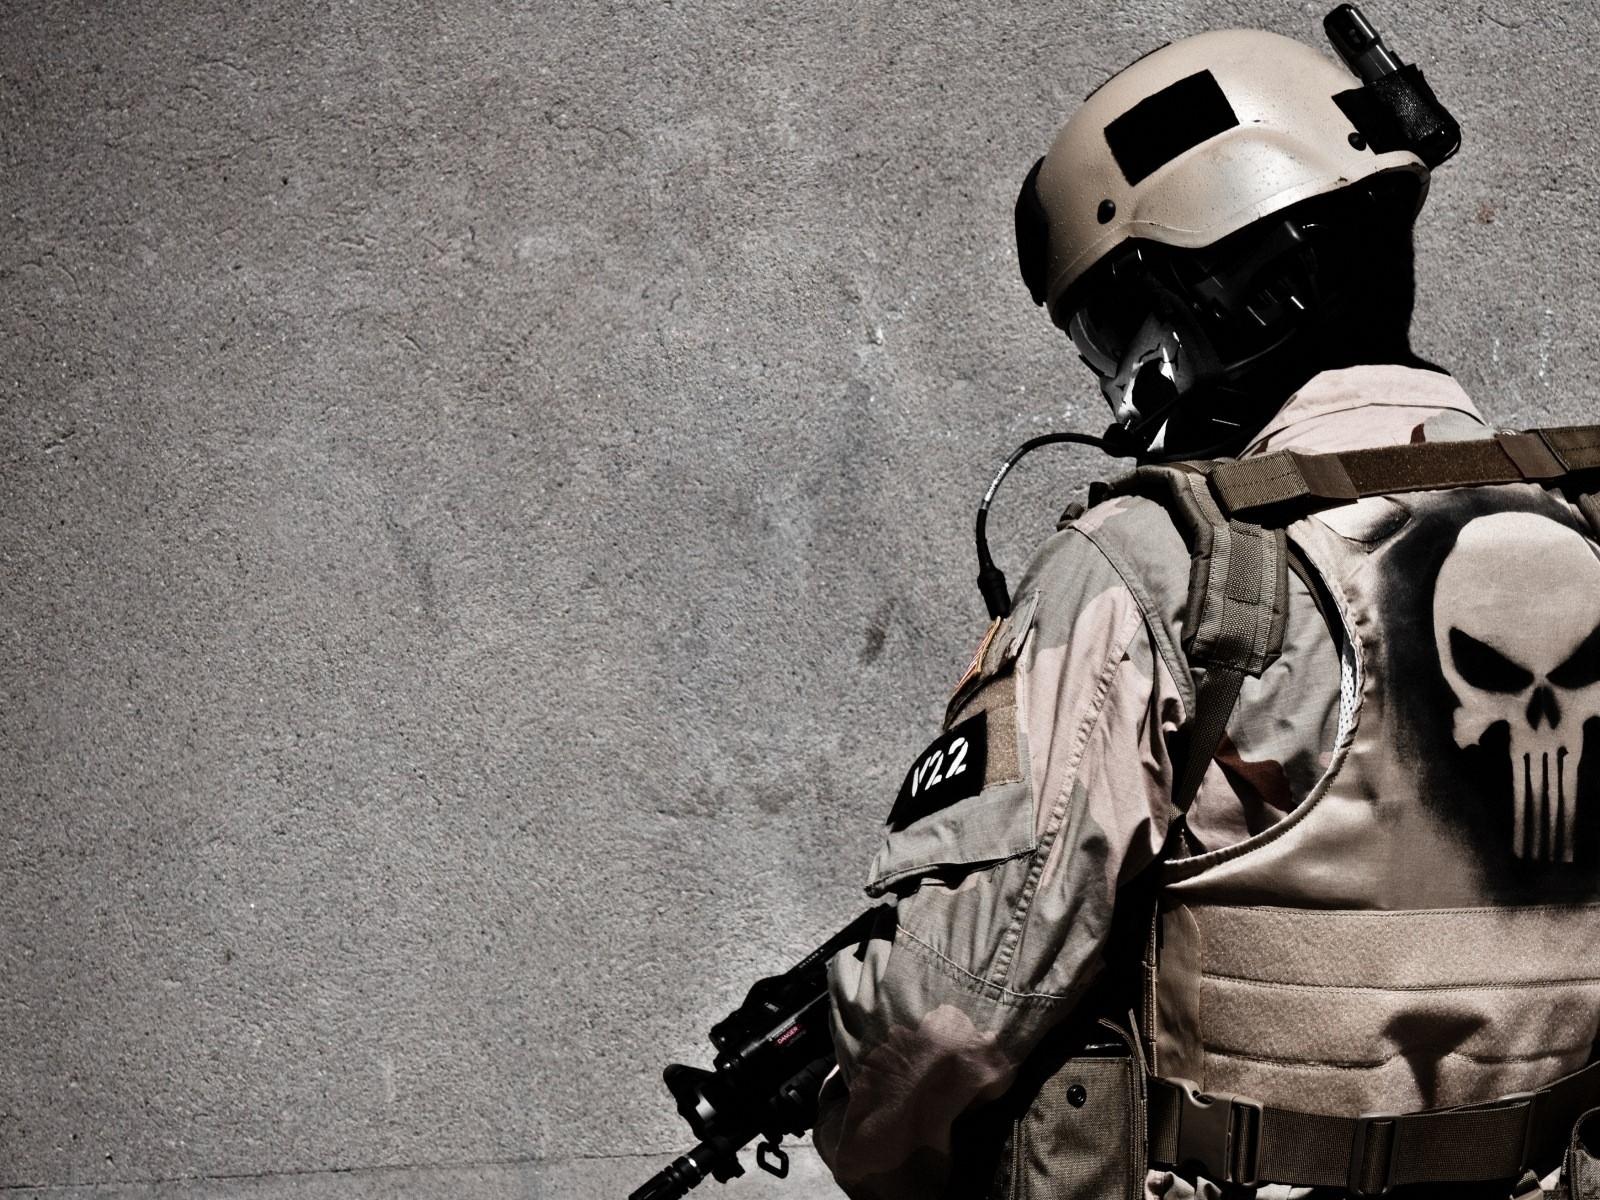 navy seals tactical 1920x1200 wallpaper Wallpaper Wallpapers 1600x1200